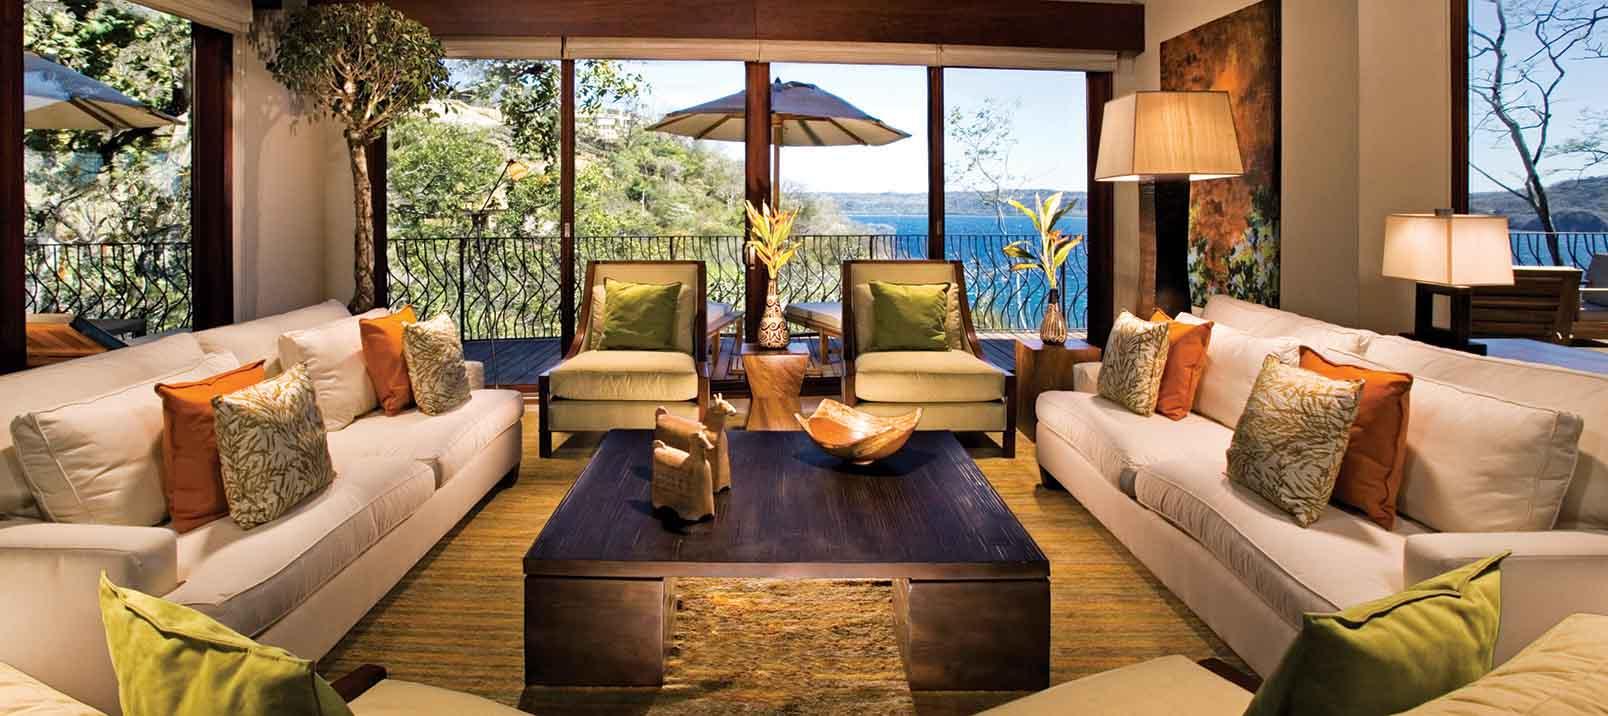 er-residence-header-disp-residence-costa-rica-venado-4-3.jpg